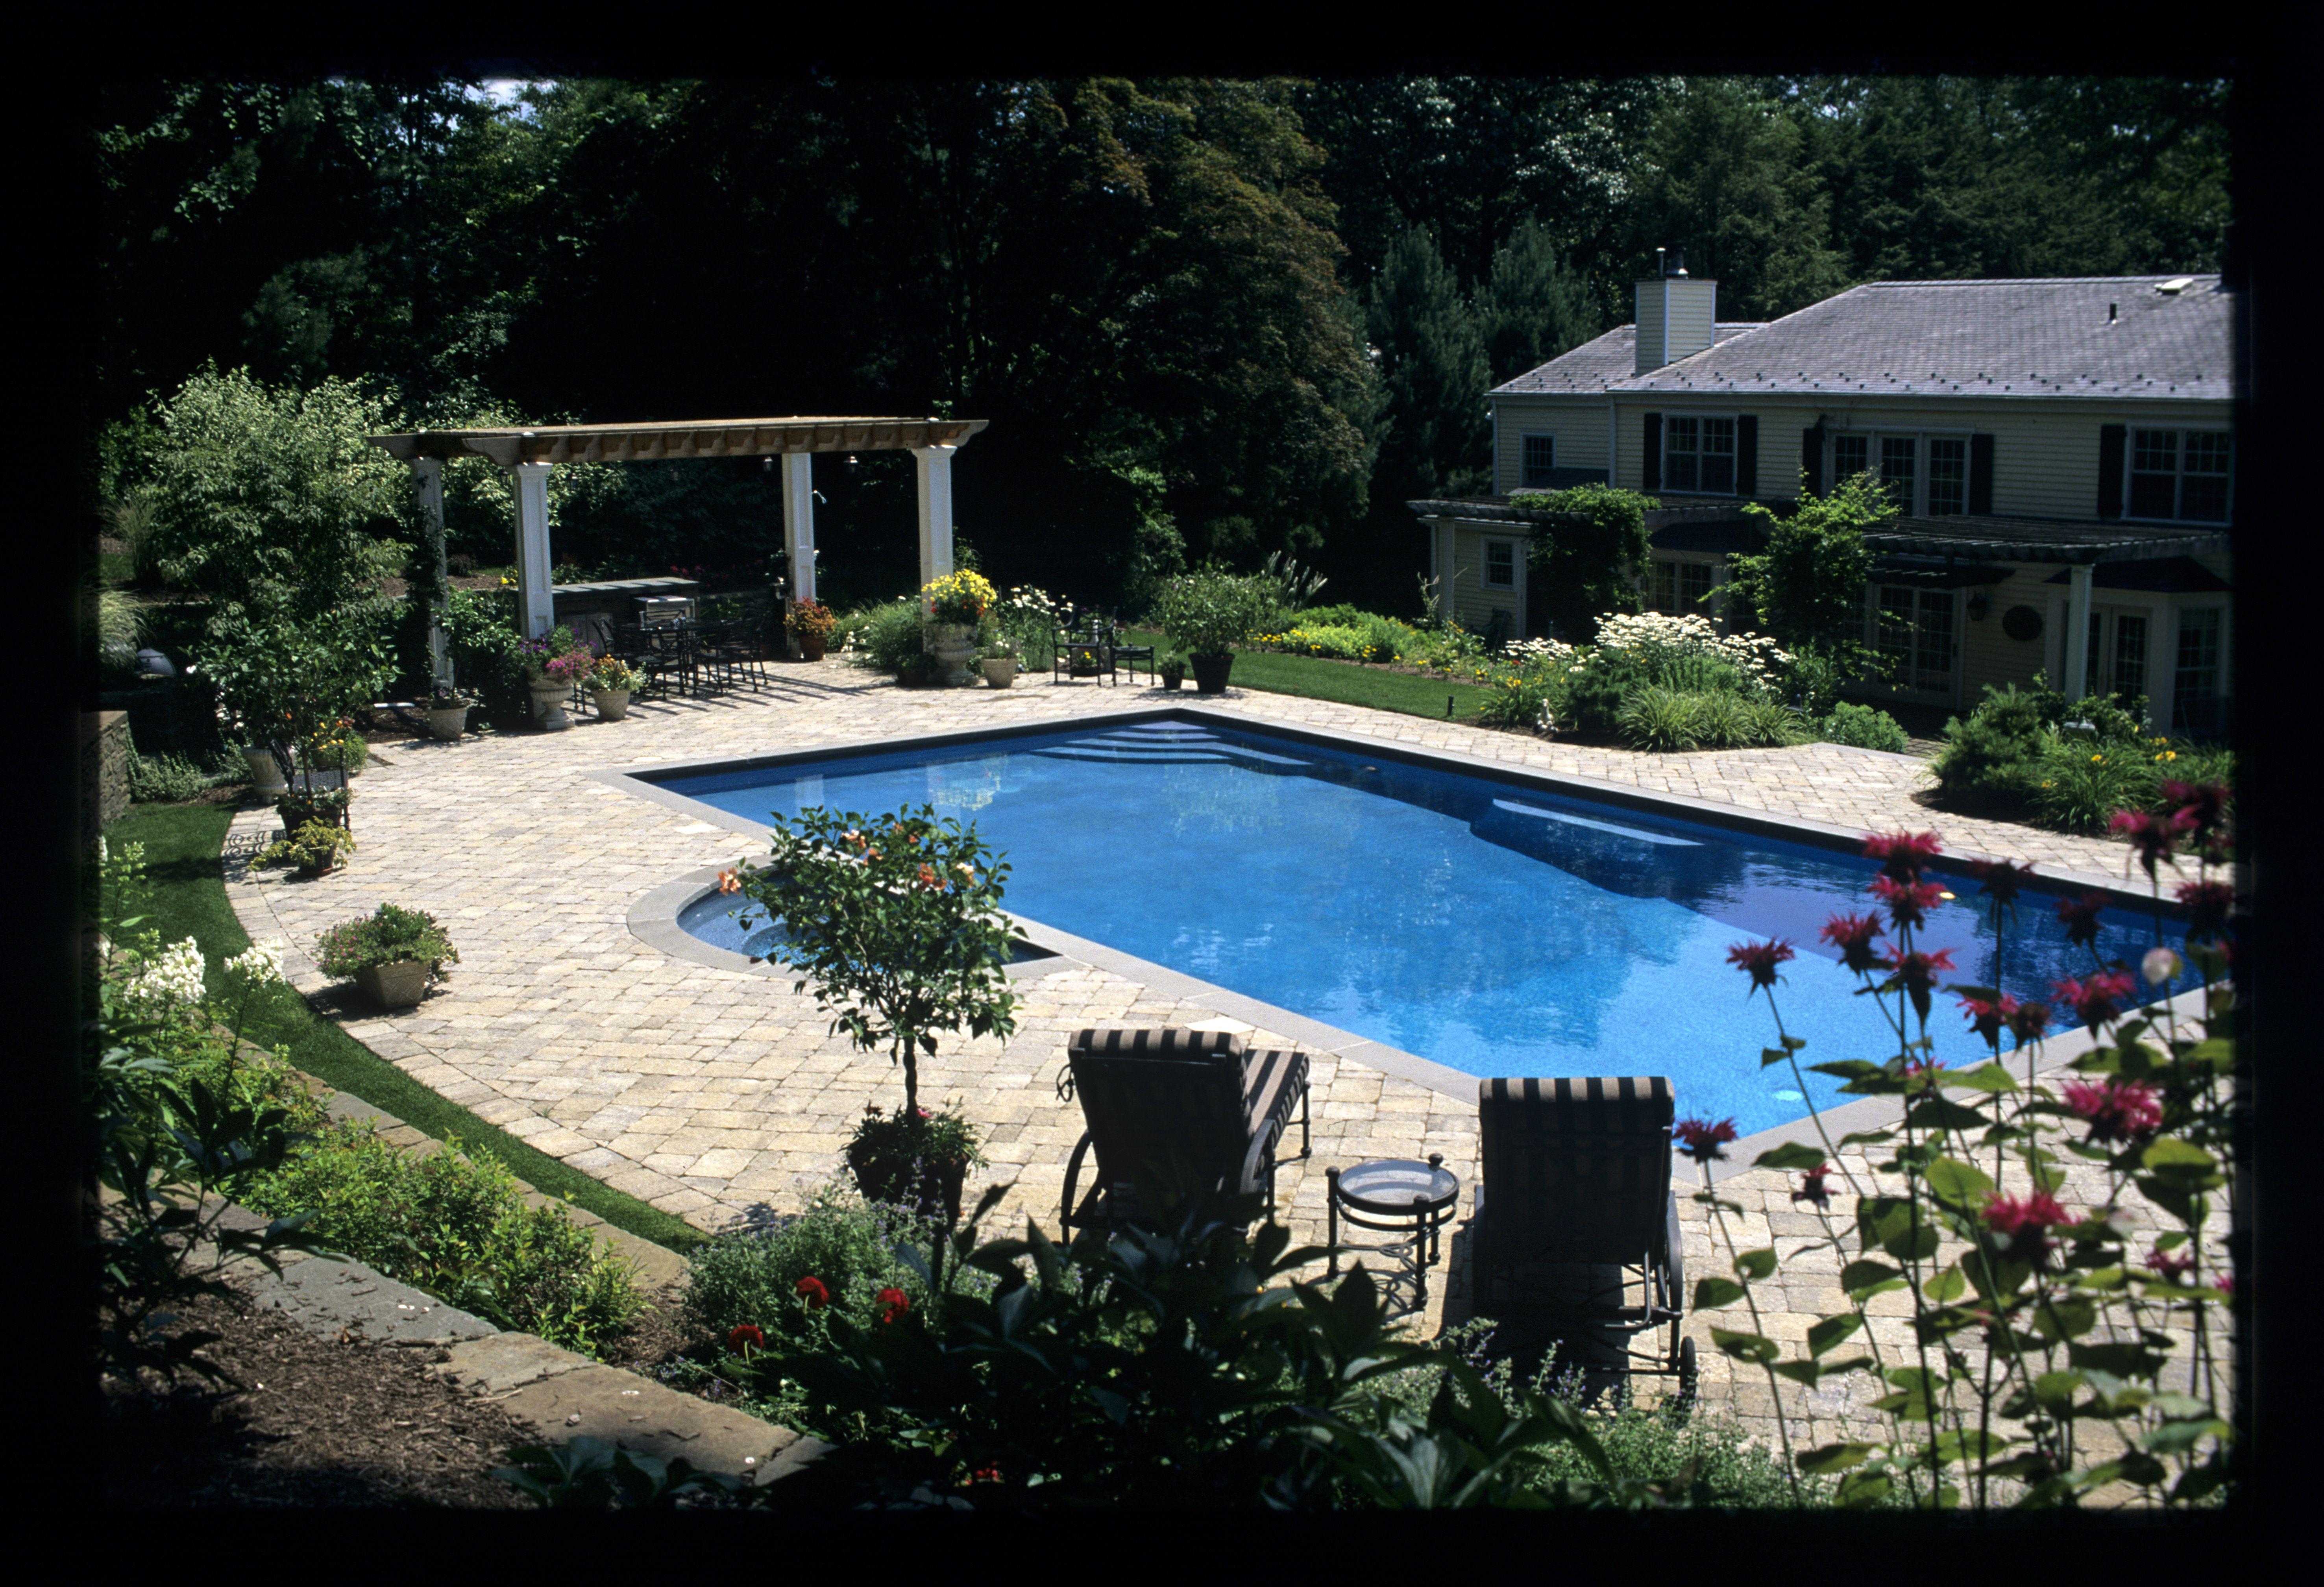 Water Feature - Pool, patio, garden, Knapp & Associates, landscape architecture, landscape design